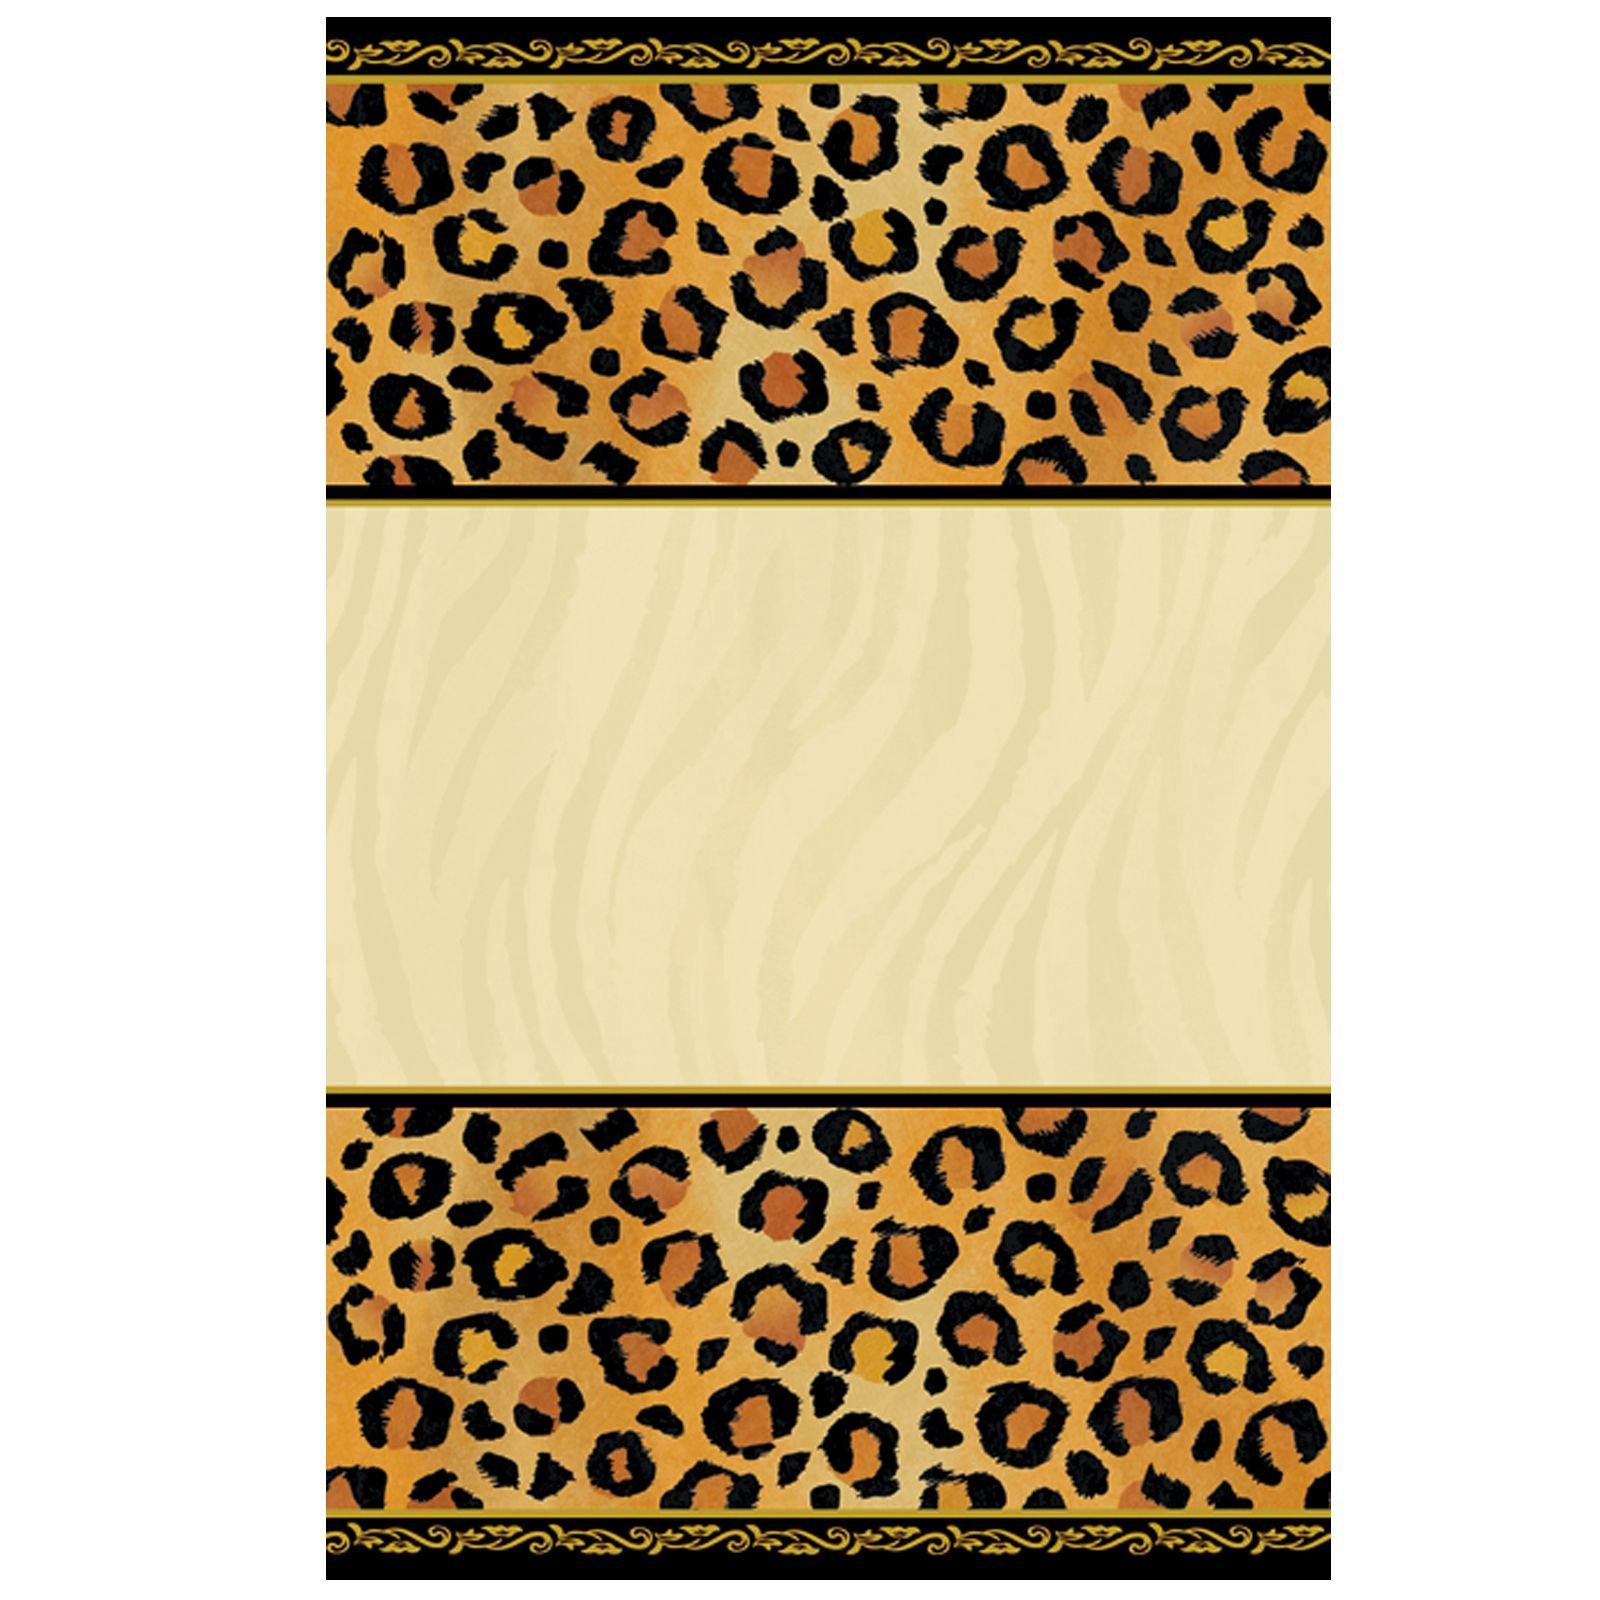 Leopard Print Invitations Printable Free Cakepins   Printables - Free Printable Animal Print Birthday Invitations